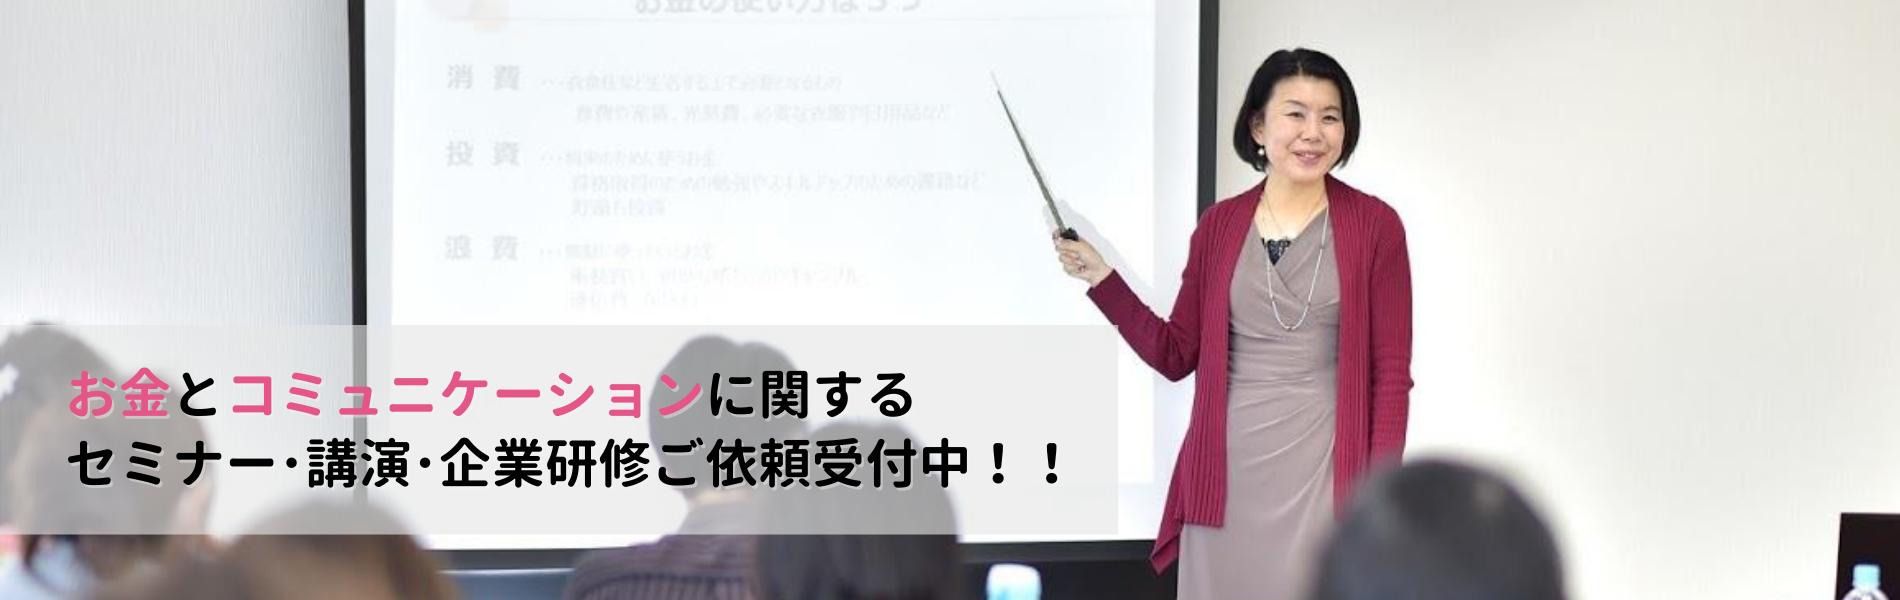 お金とコミュニケーションに関するセミナー・講演・企業研修ご依頼受付中!